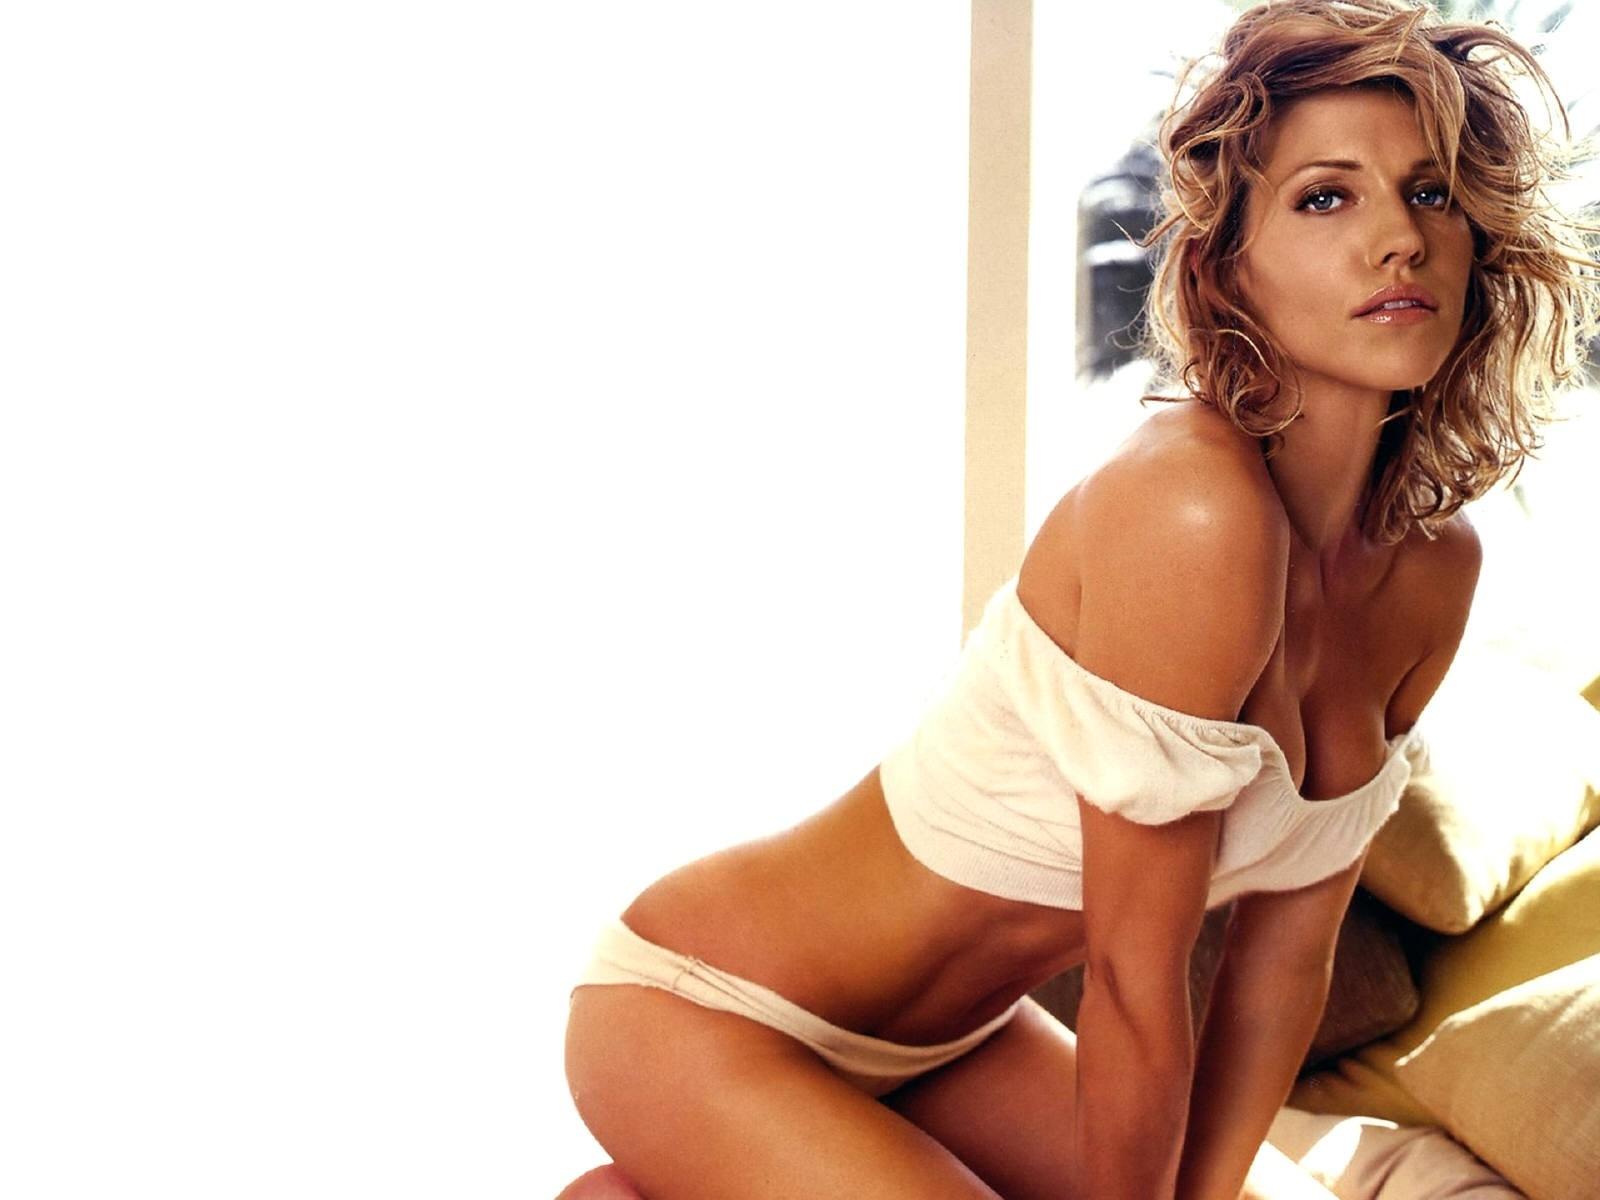 Una splendida Tricia Helfer in un'immagine per il desktop del PC